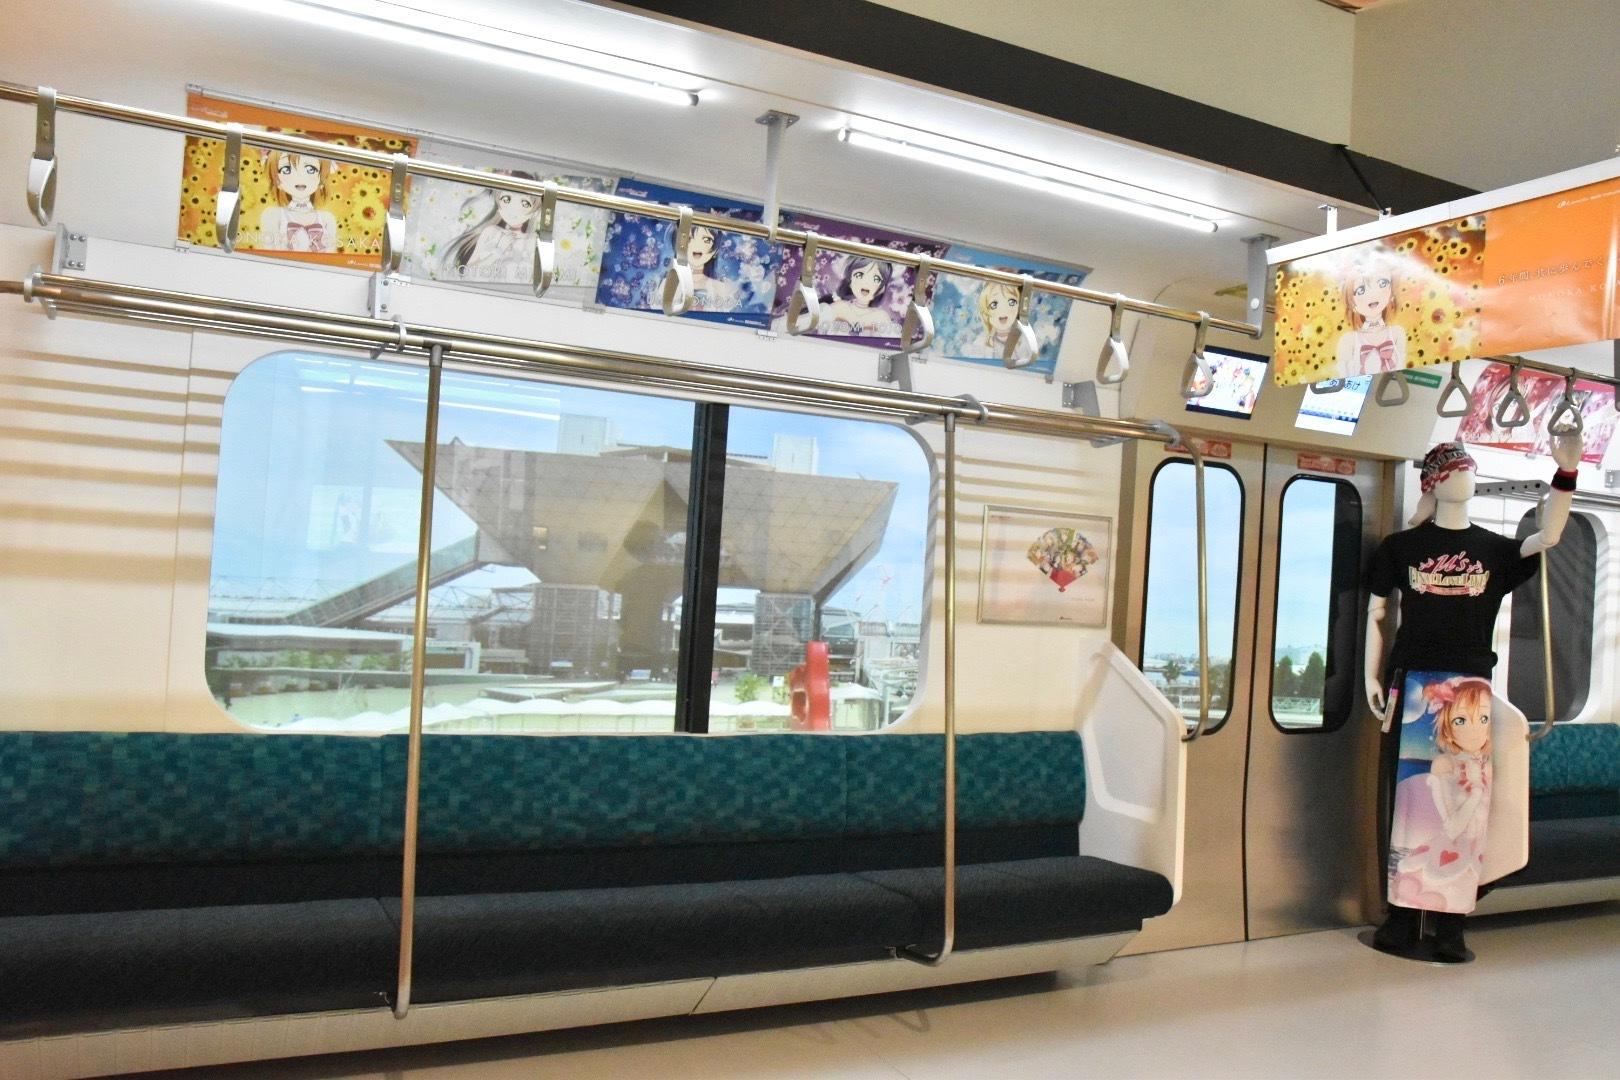 電車と『ラブライブ!』展示風景